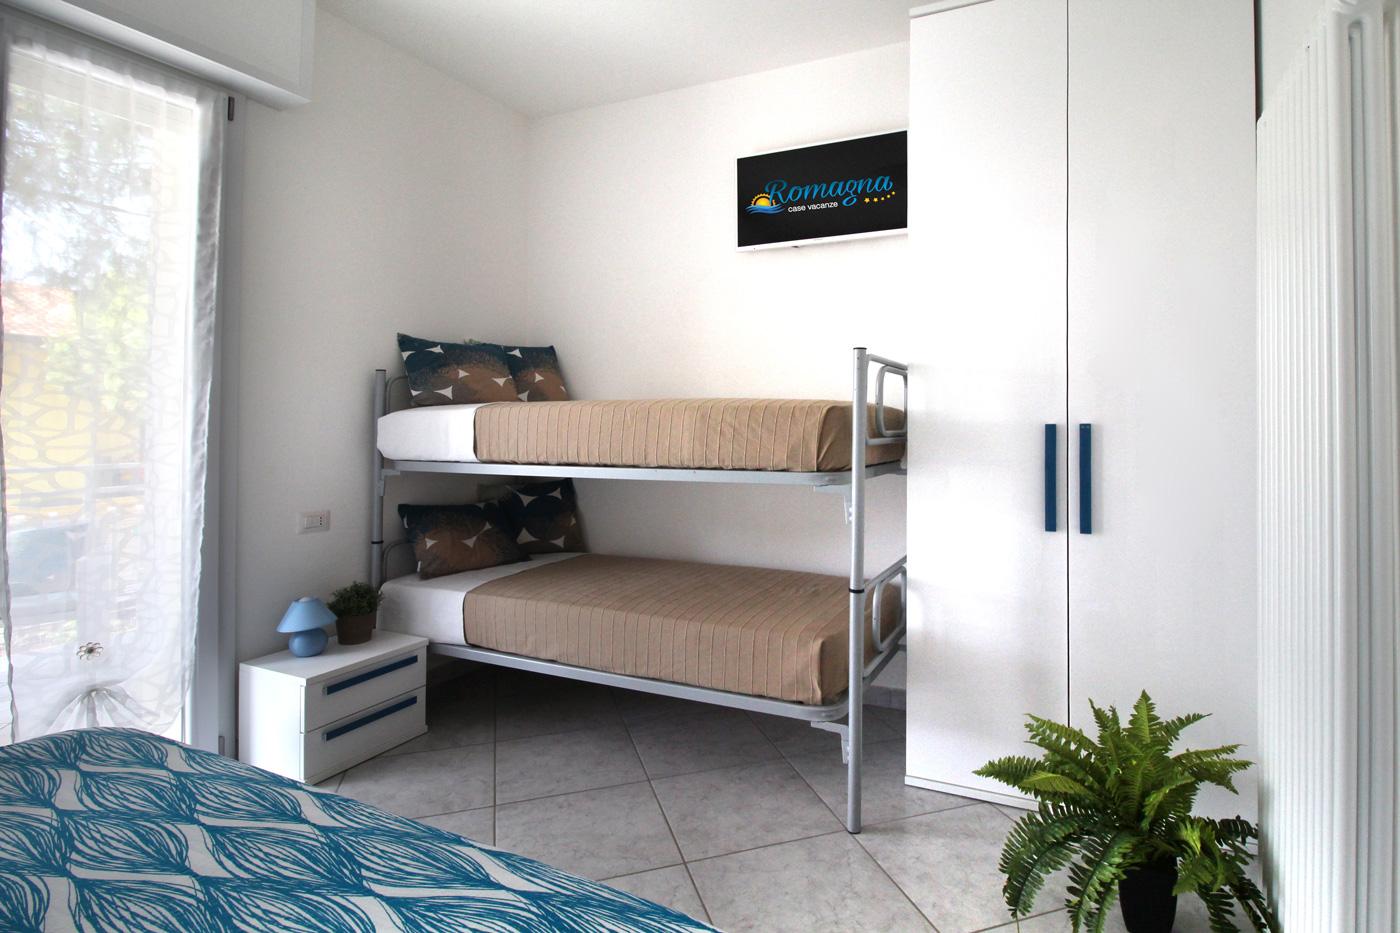 Appartamento sabrina romagna case vacanze IMG_8763_2